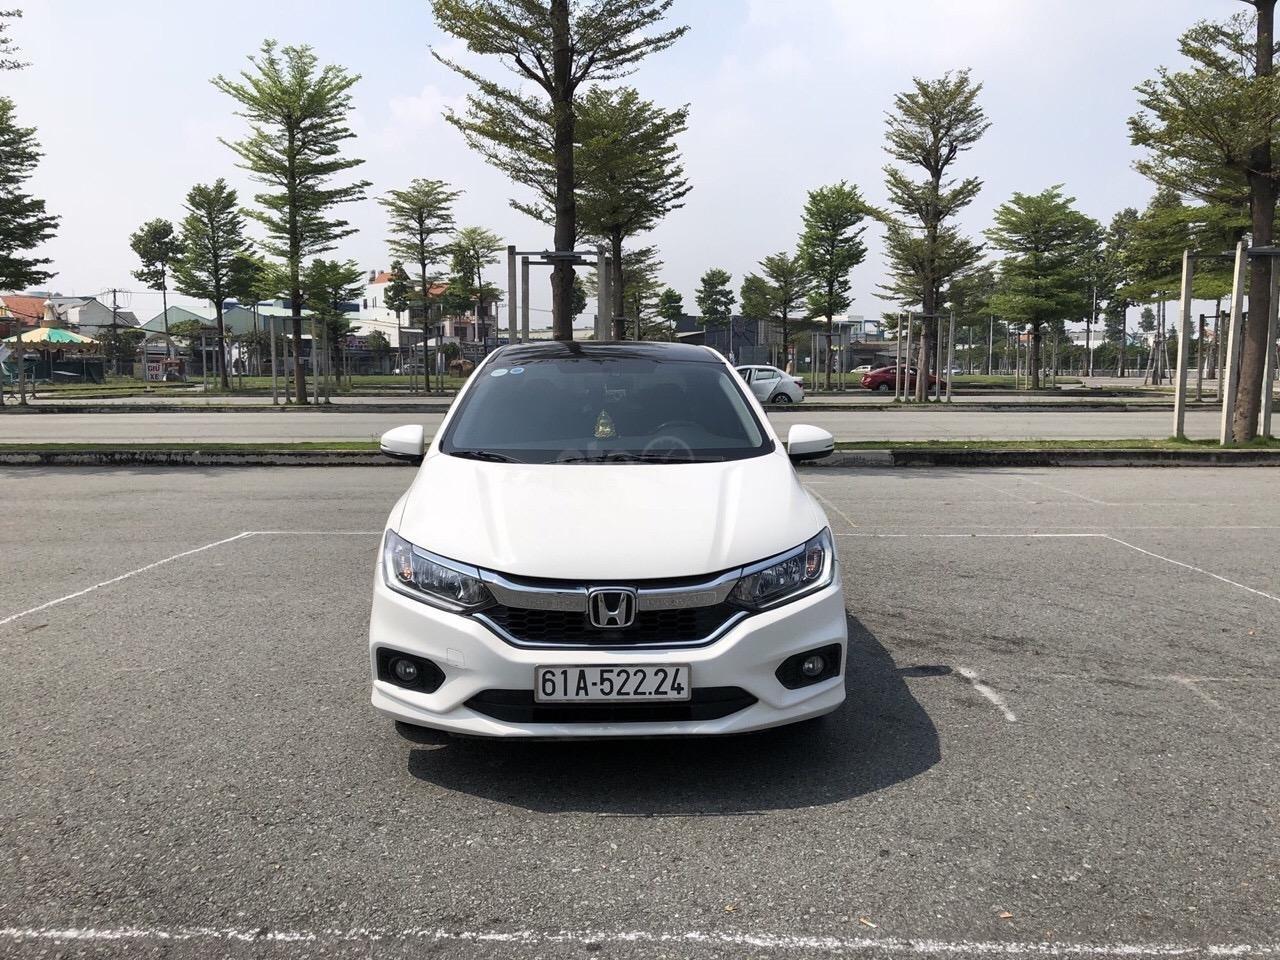 Bán Honda City 1.5CVT năm sản xuất 2018, xe full option giá 530 triệu (1)